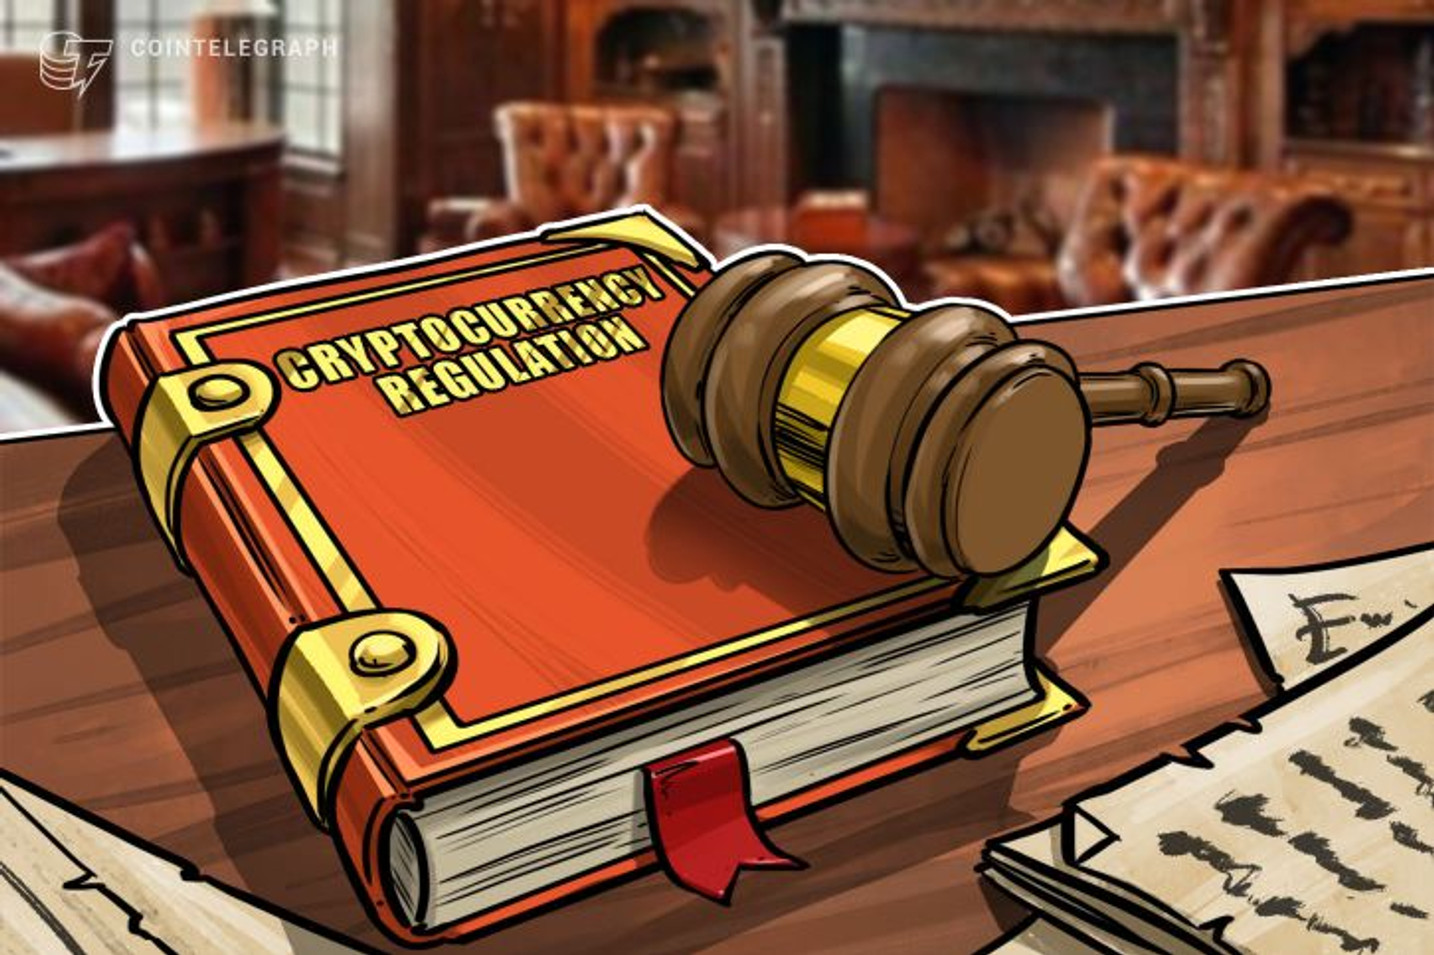 Connecticut verabschiedet Gesetzesentwurf für Blockchain-Arbeitsgruppe